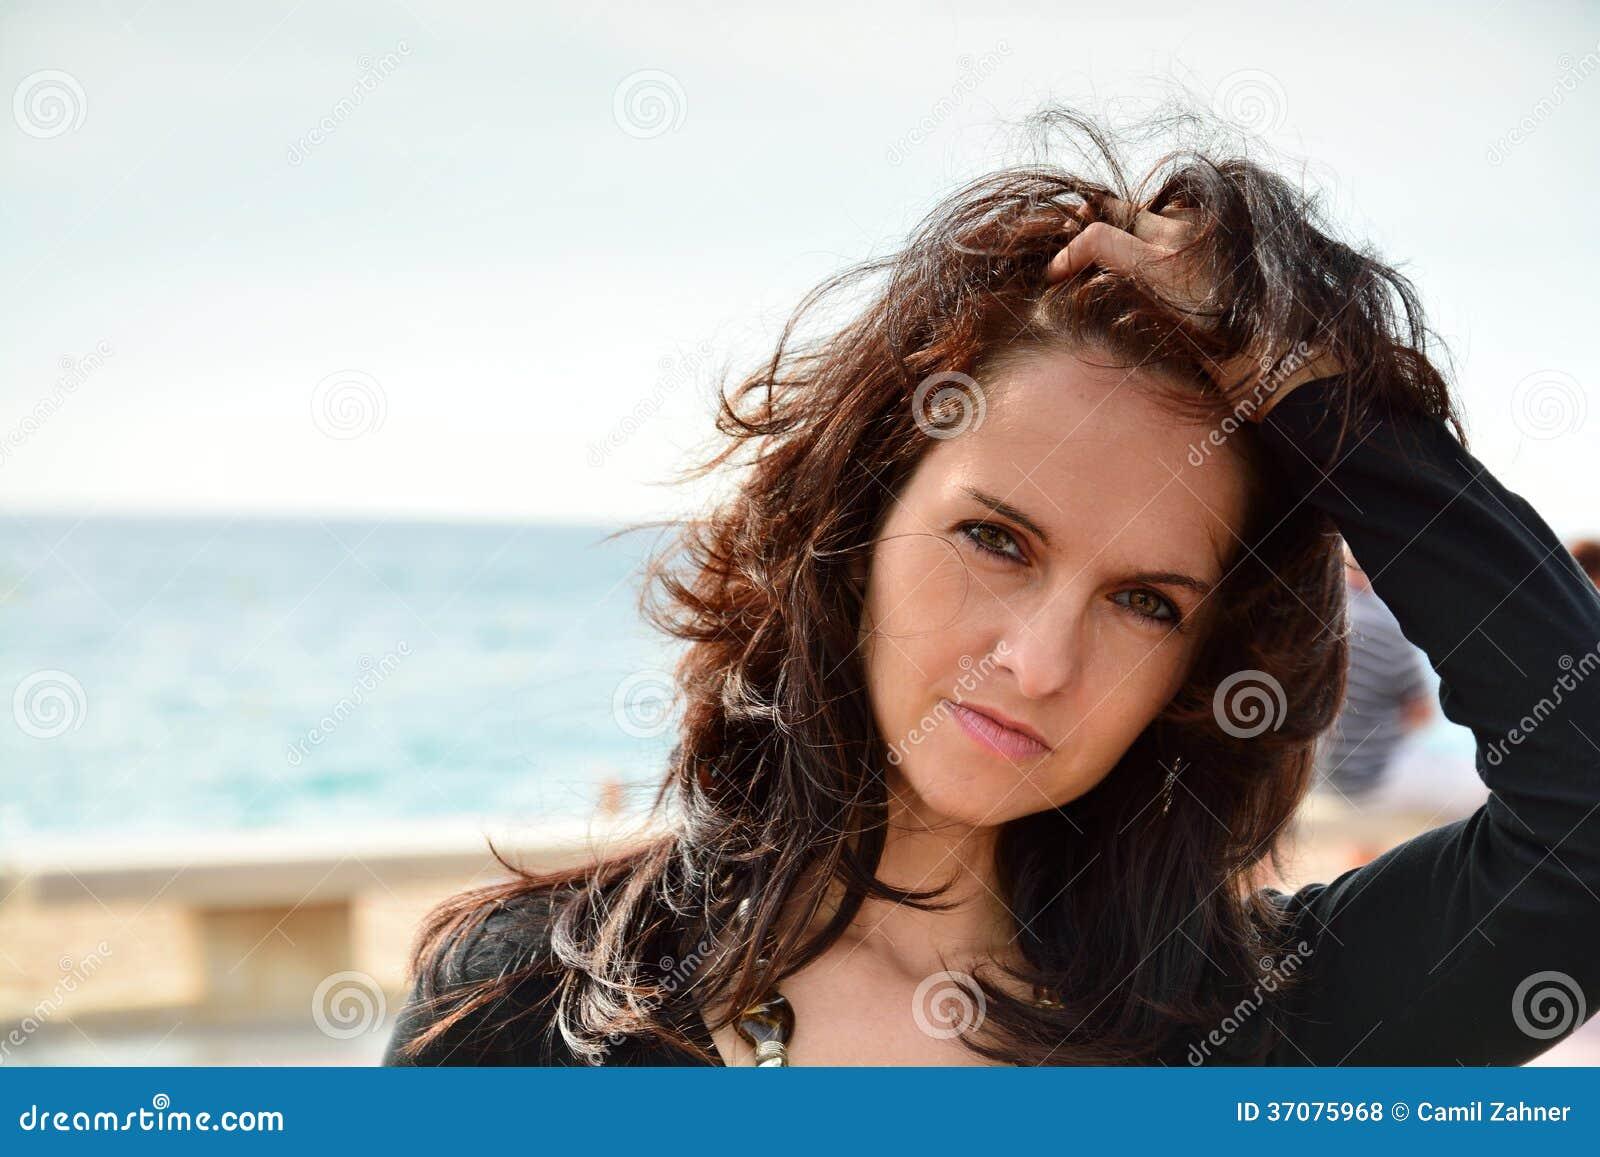 Download Śliczna kobieta na plaży zdjęcie stock. Obraz złożonej z tło - 37075968